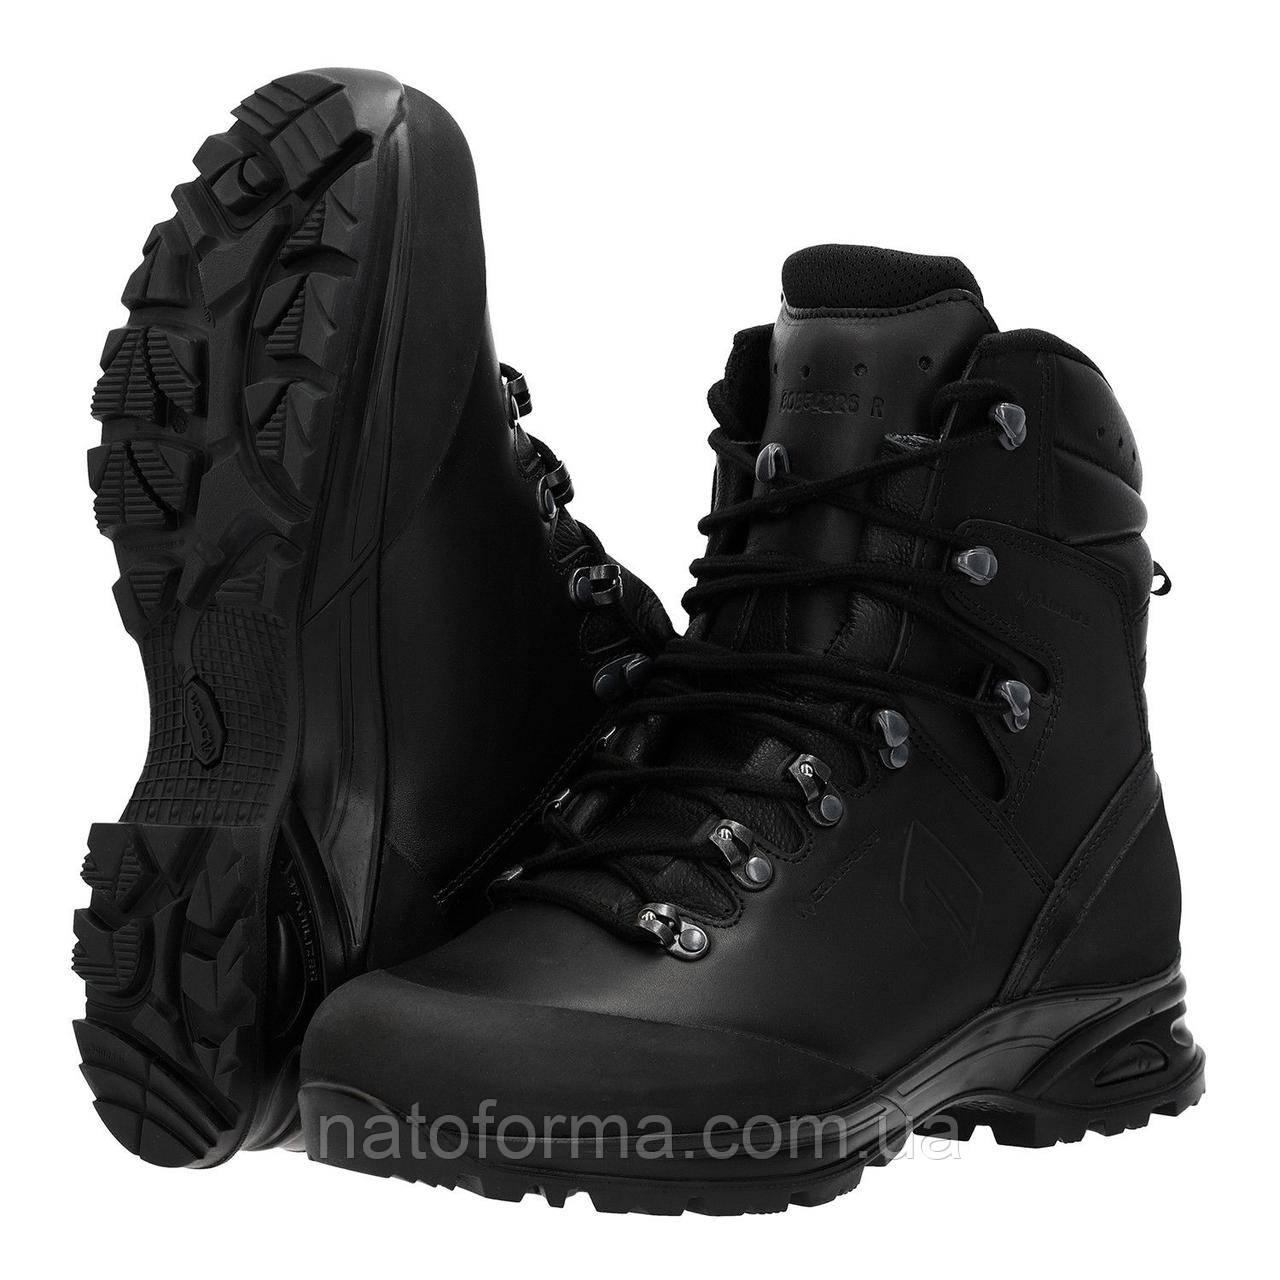 Ботинки тактические Haix BW Combat Boots (Model 2018), высший сорт